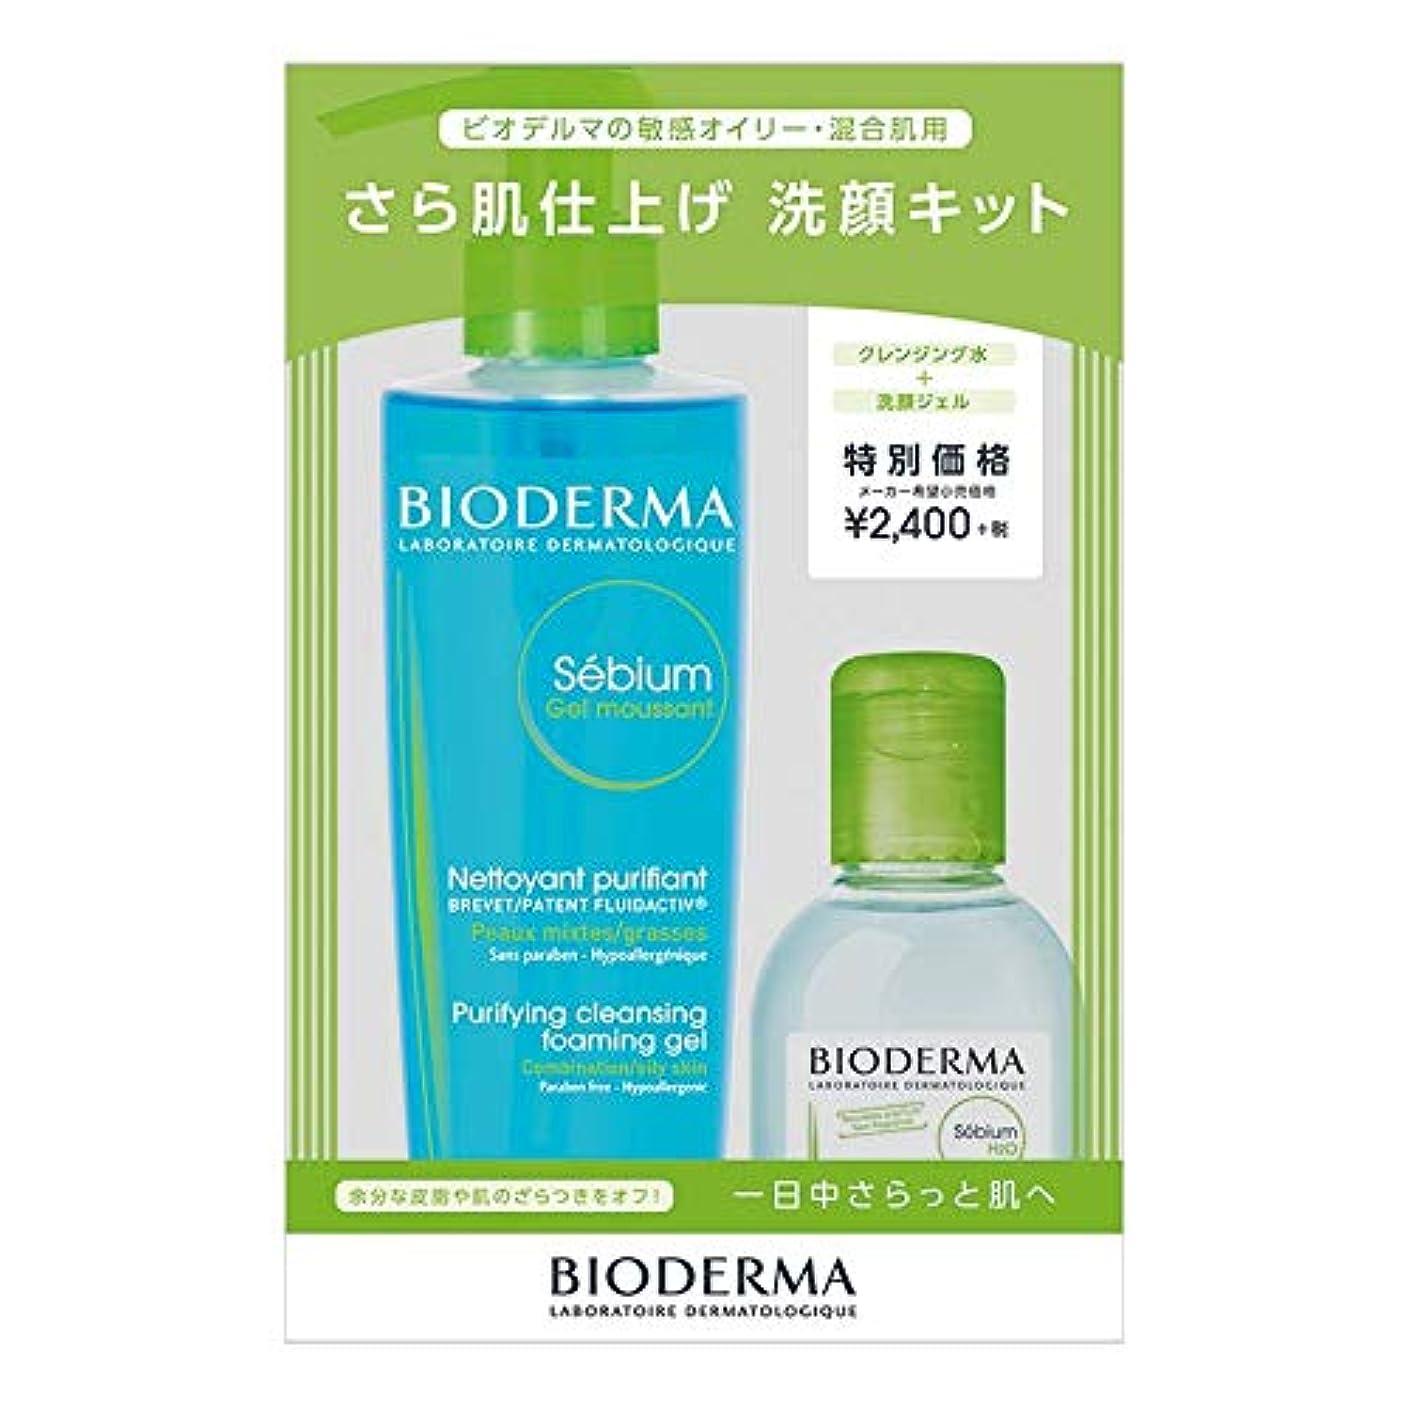 ビオデルマ セビウム サラハダシアゲ センガンキット 洗顔 セット 200g+100ml